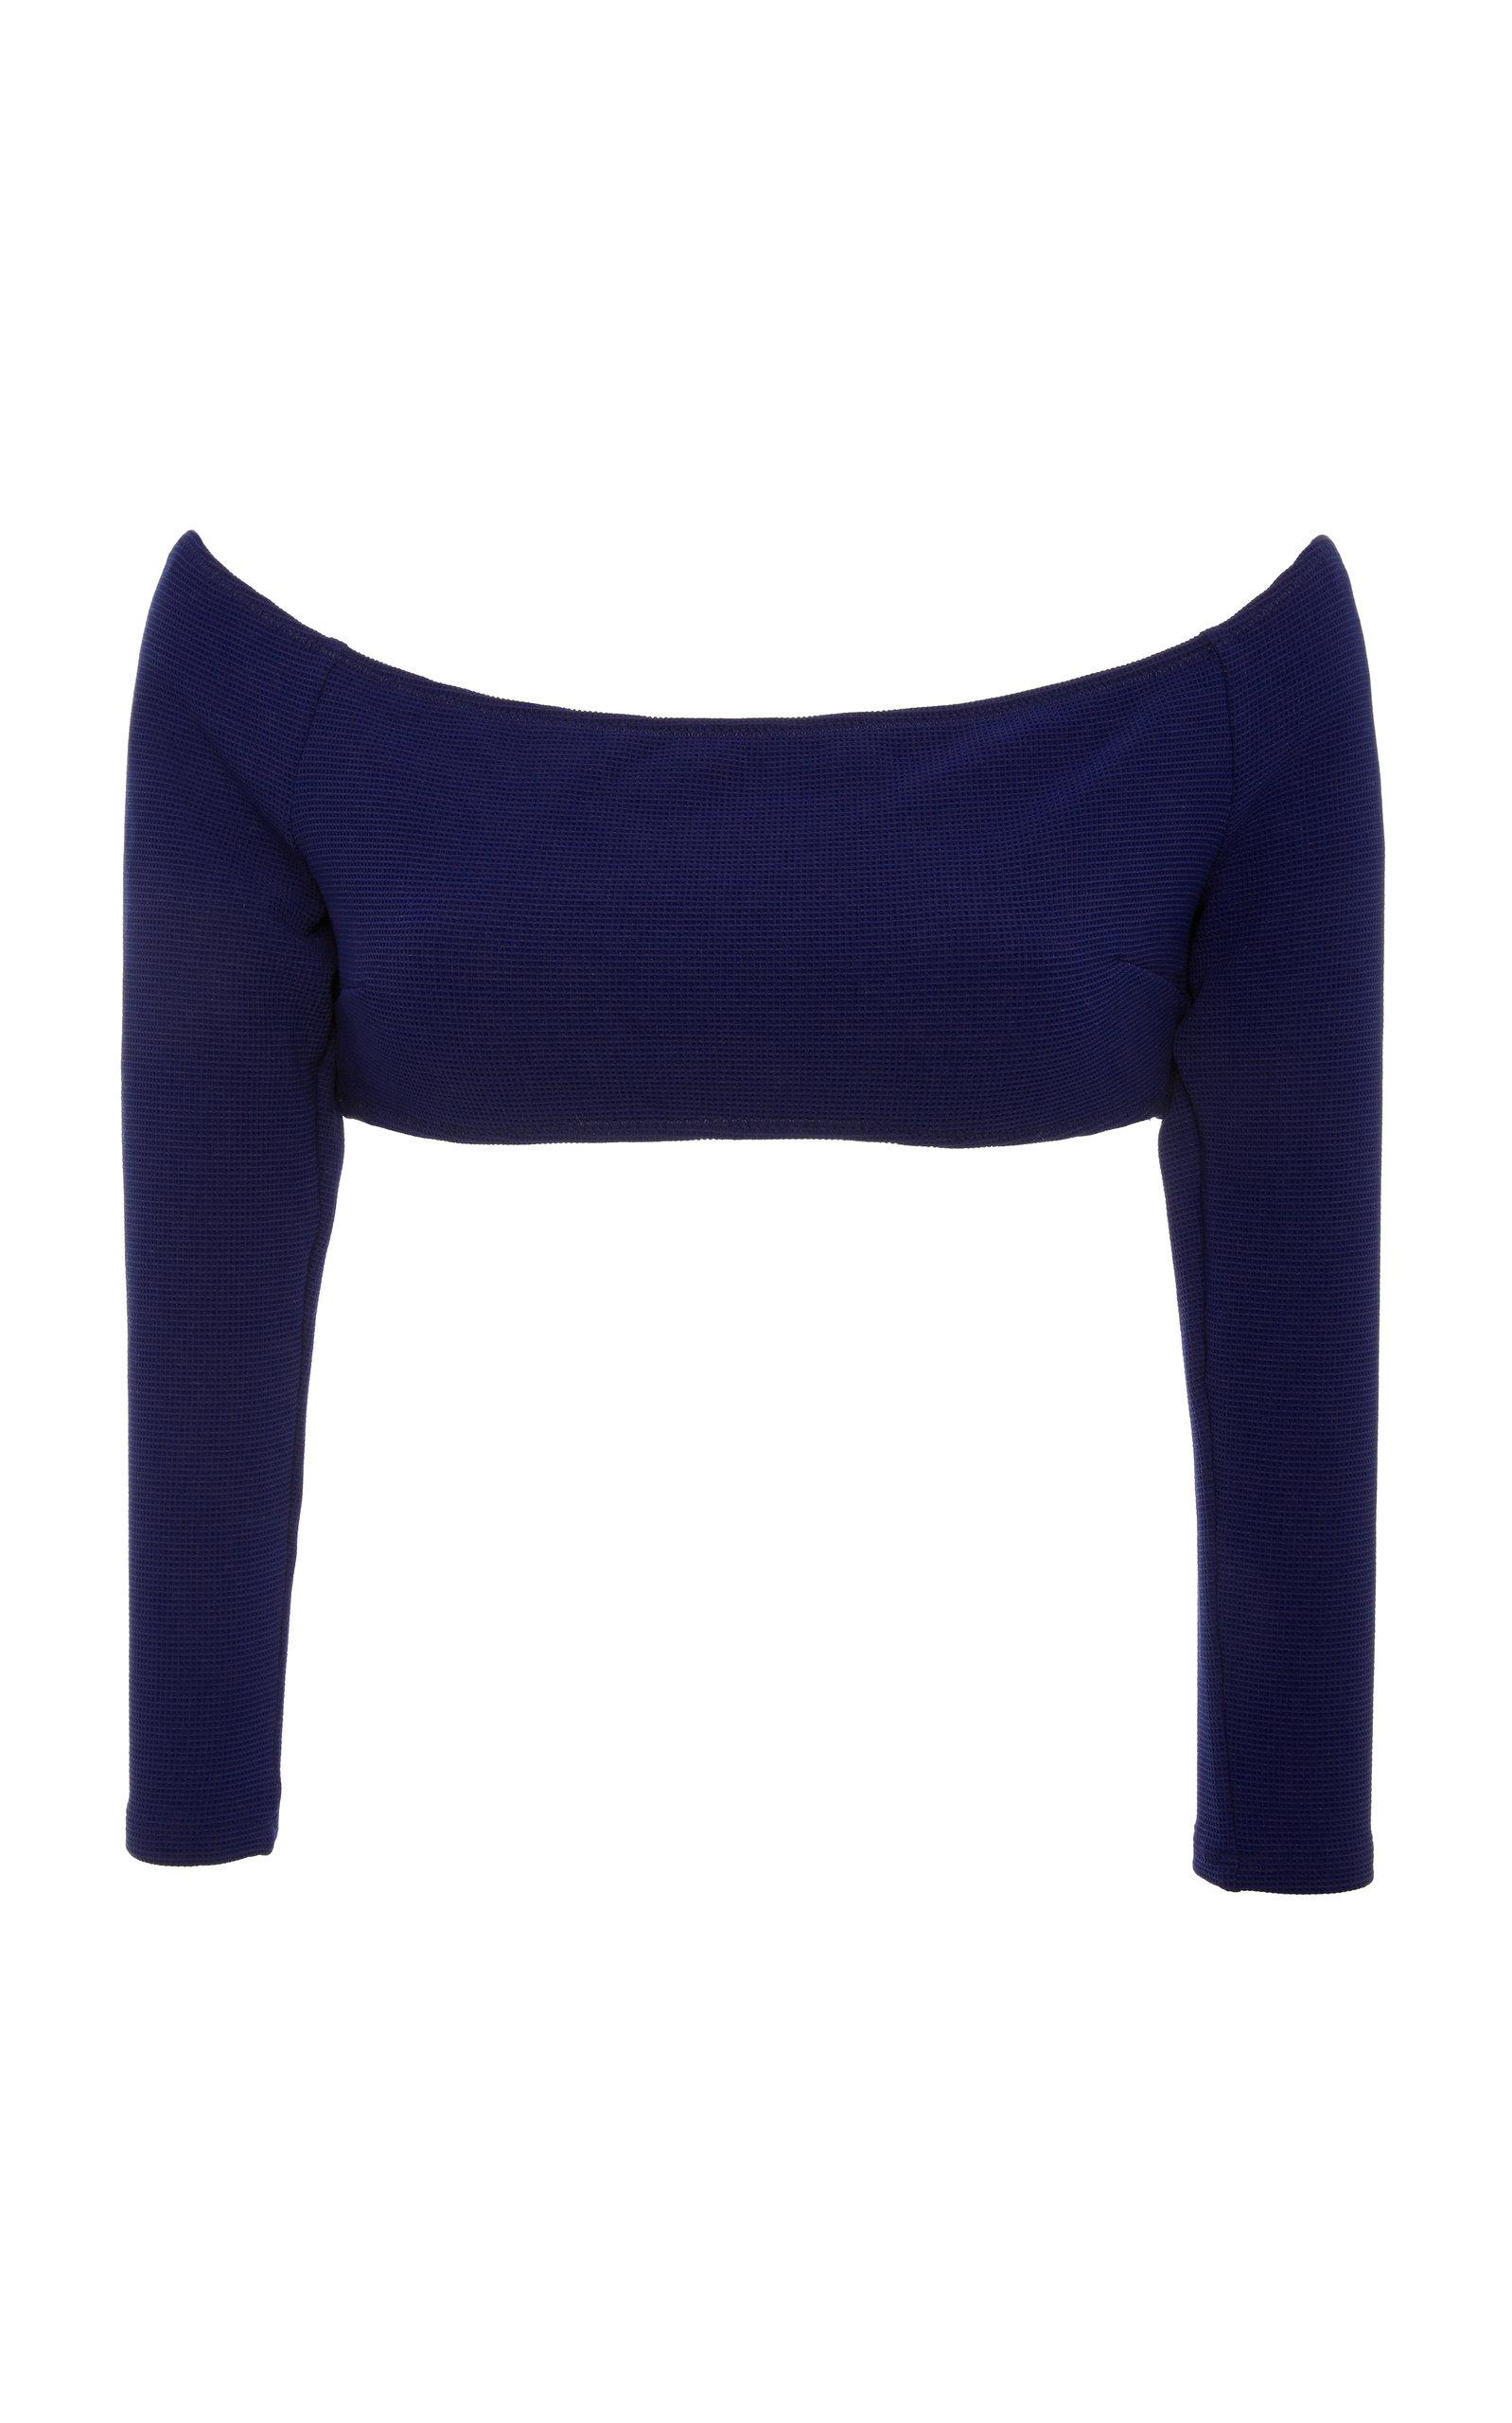 Elise Long Sleeve Bikini Top Solid & Striped Shop For Sale Online V7slSjgRRF